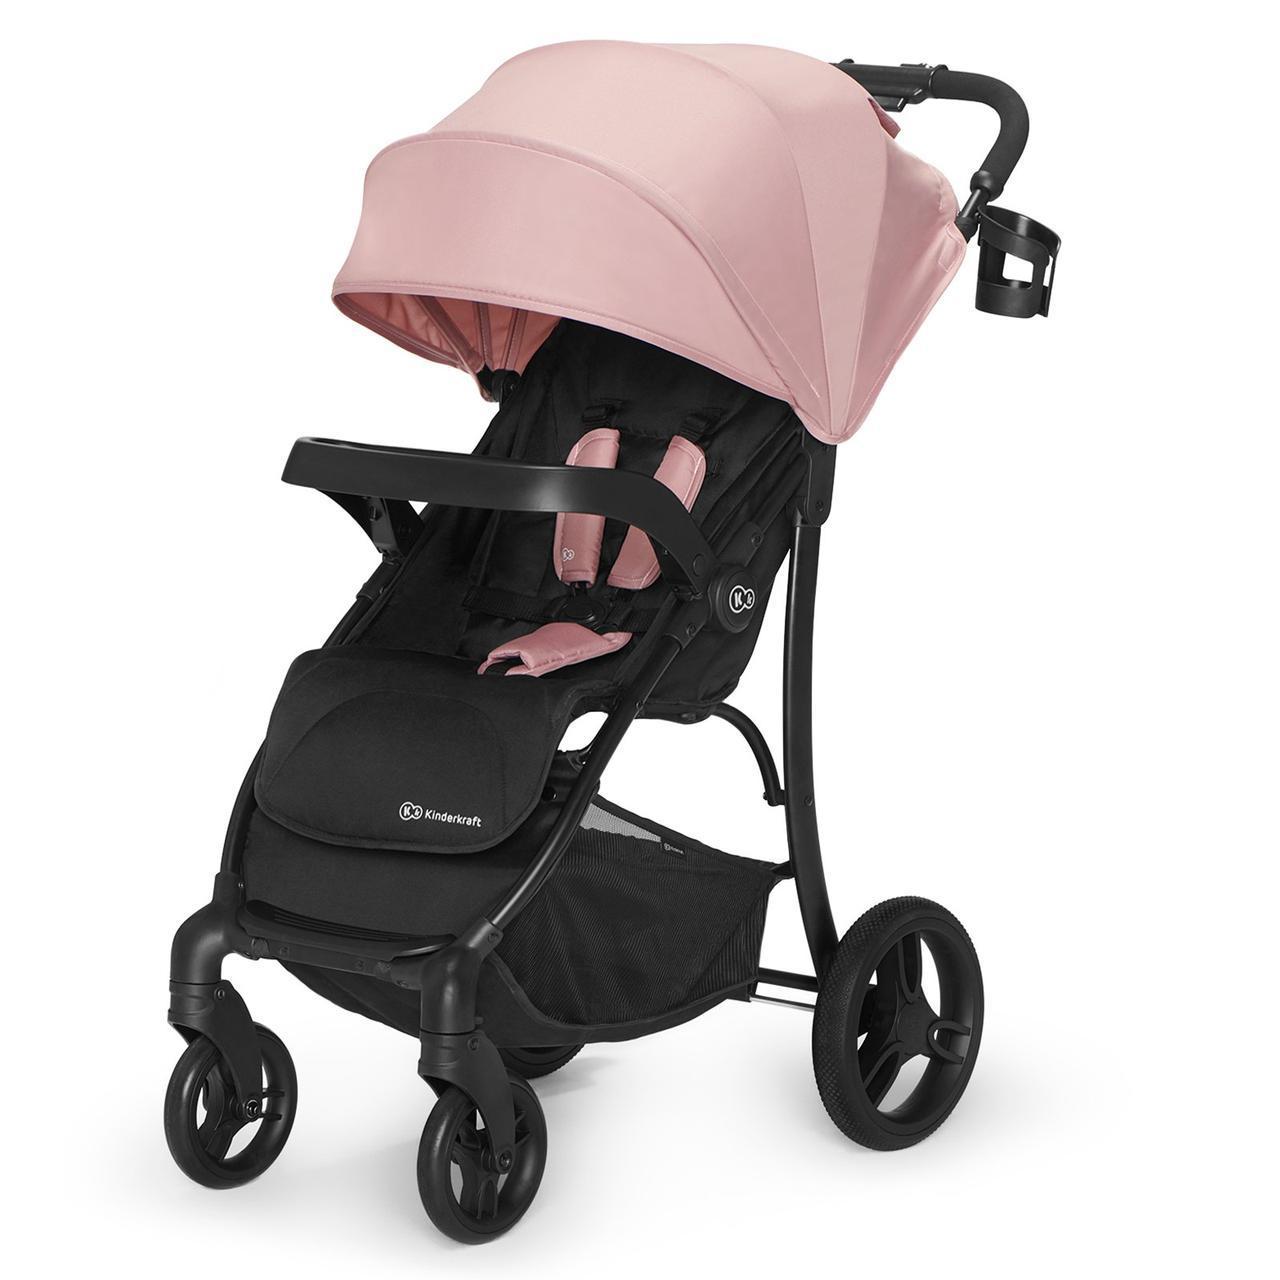 Прогулочная детская коляска с большими колесами Kinderkraft Cruiser pink